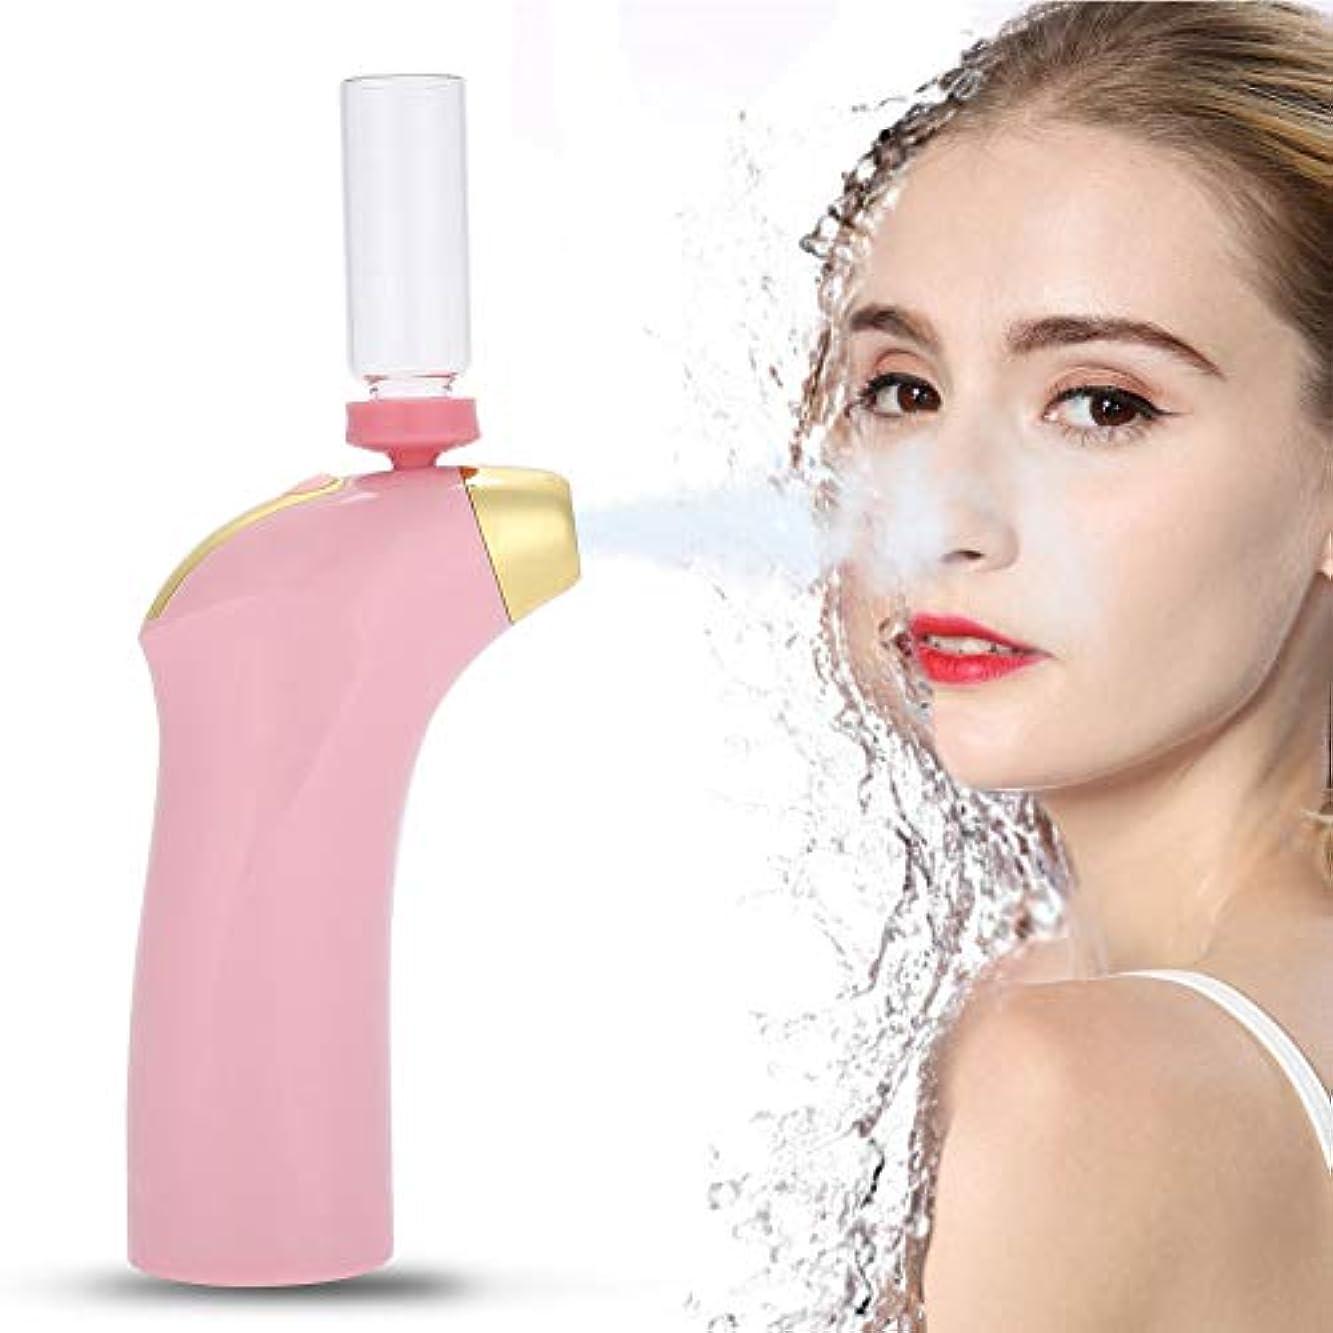 従来の充電正しい専門の酸素の注入のスプレーガン - 顔の皮の若返りの美機械、顔の美の器械、引き締まる皮は、肌の色合い、色素形成を改善します